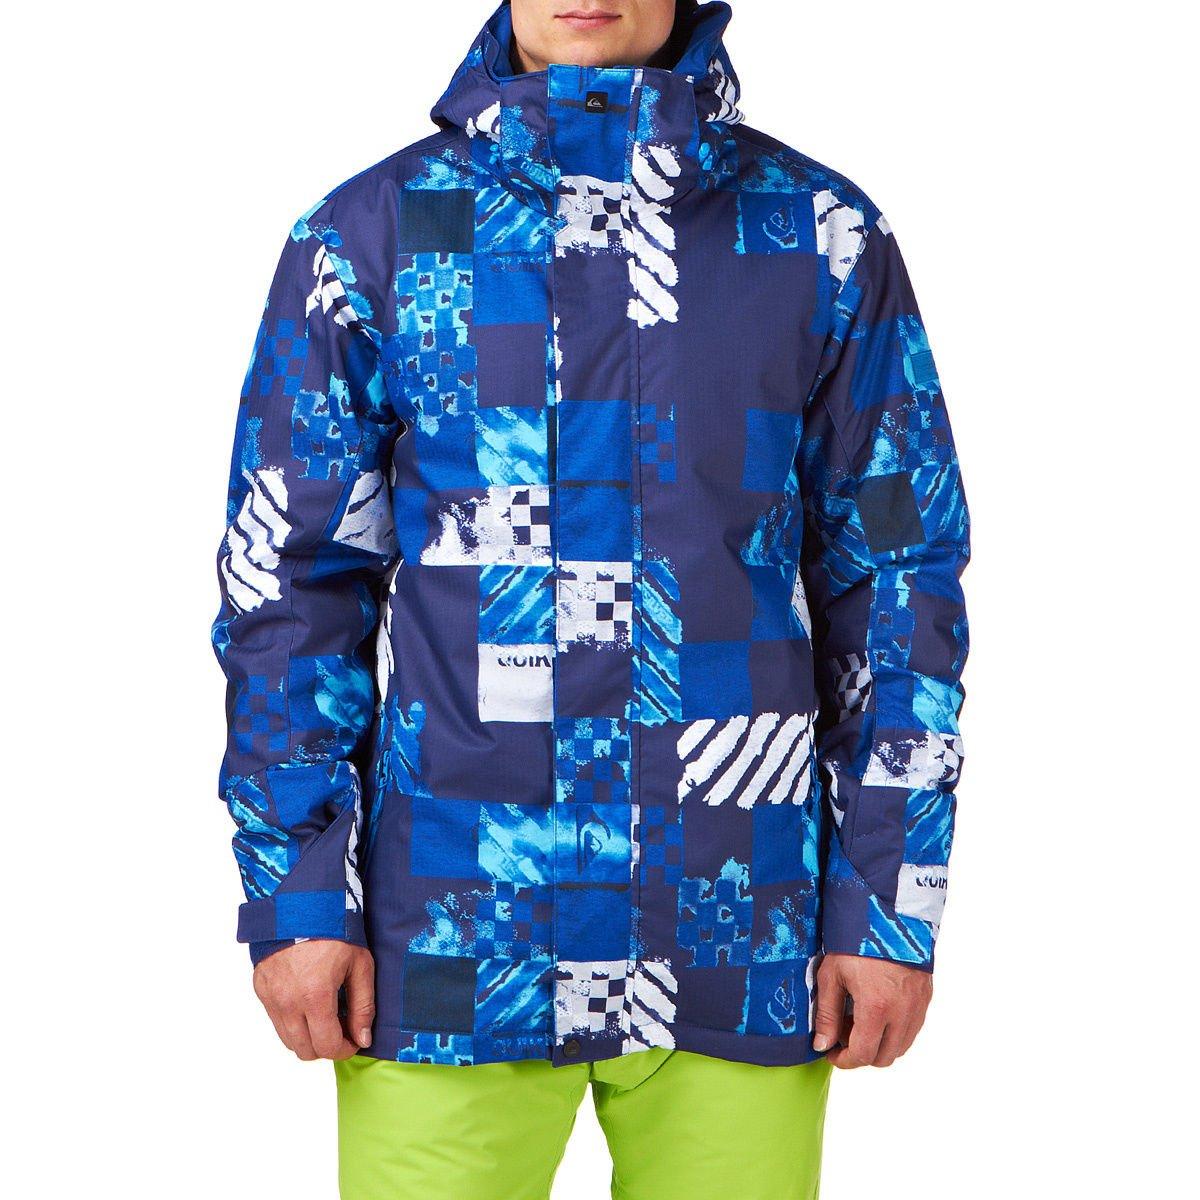 Quiksilver Herren Snowboard Jacke Mission 10k Aop bestellen